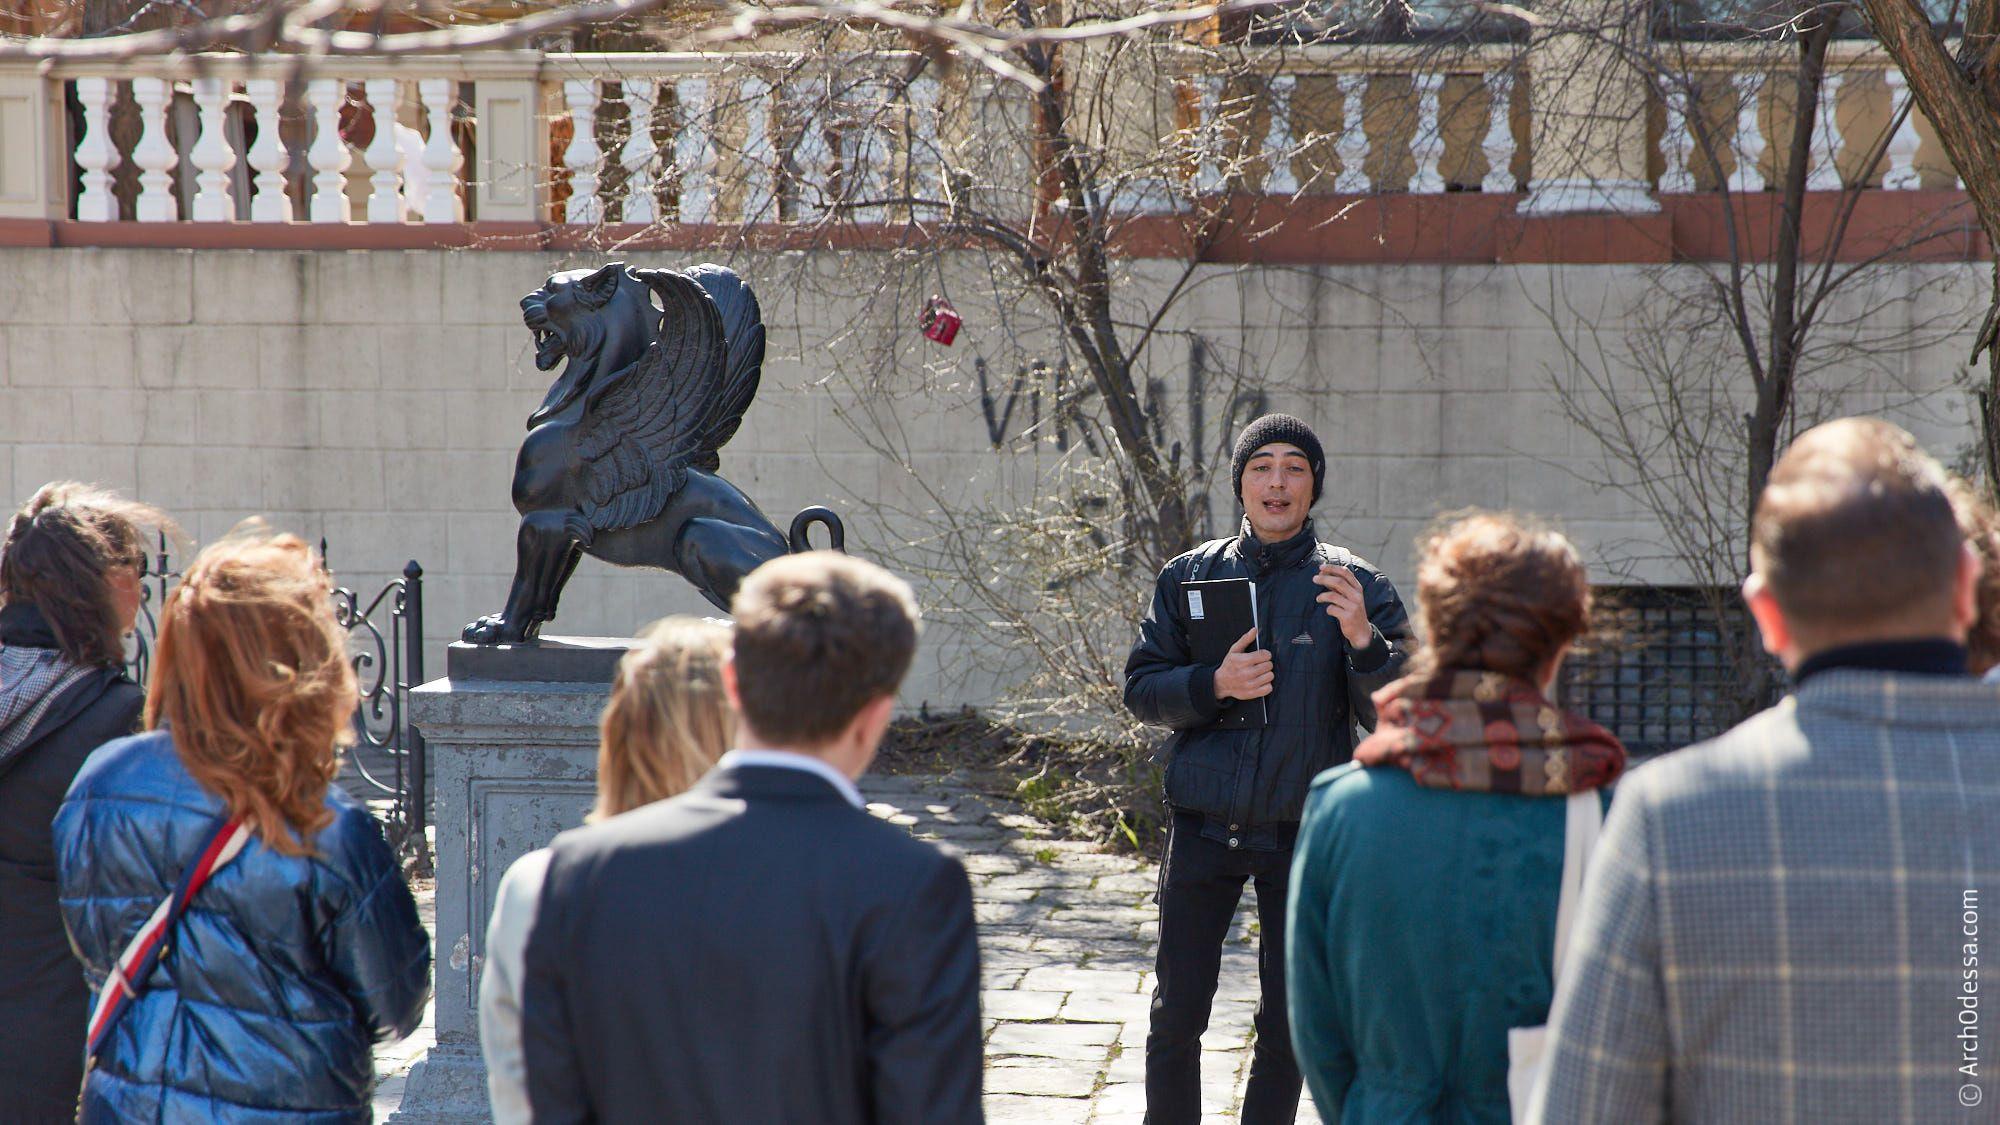 Изабель Дюмон, посол Франции в Украине, на историко-архитектурной прогулке «Следами Франции» в день начала Французской весны 2019